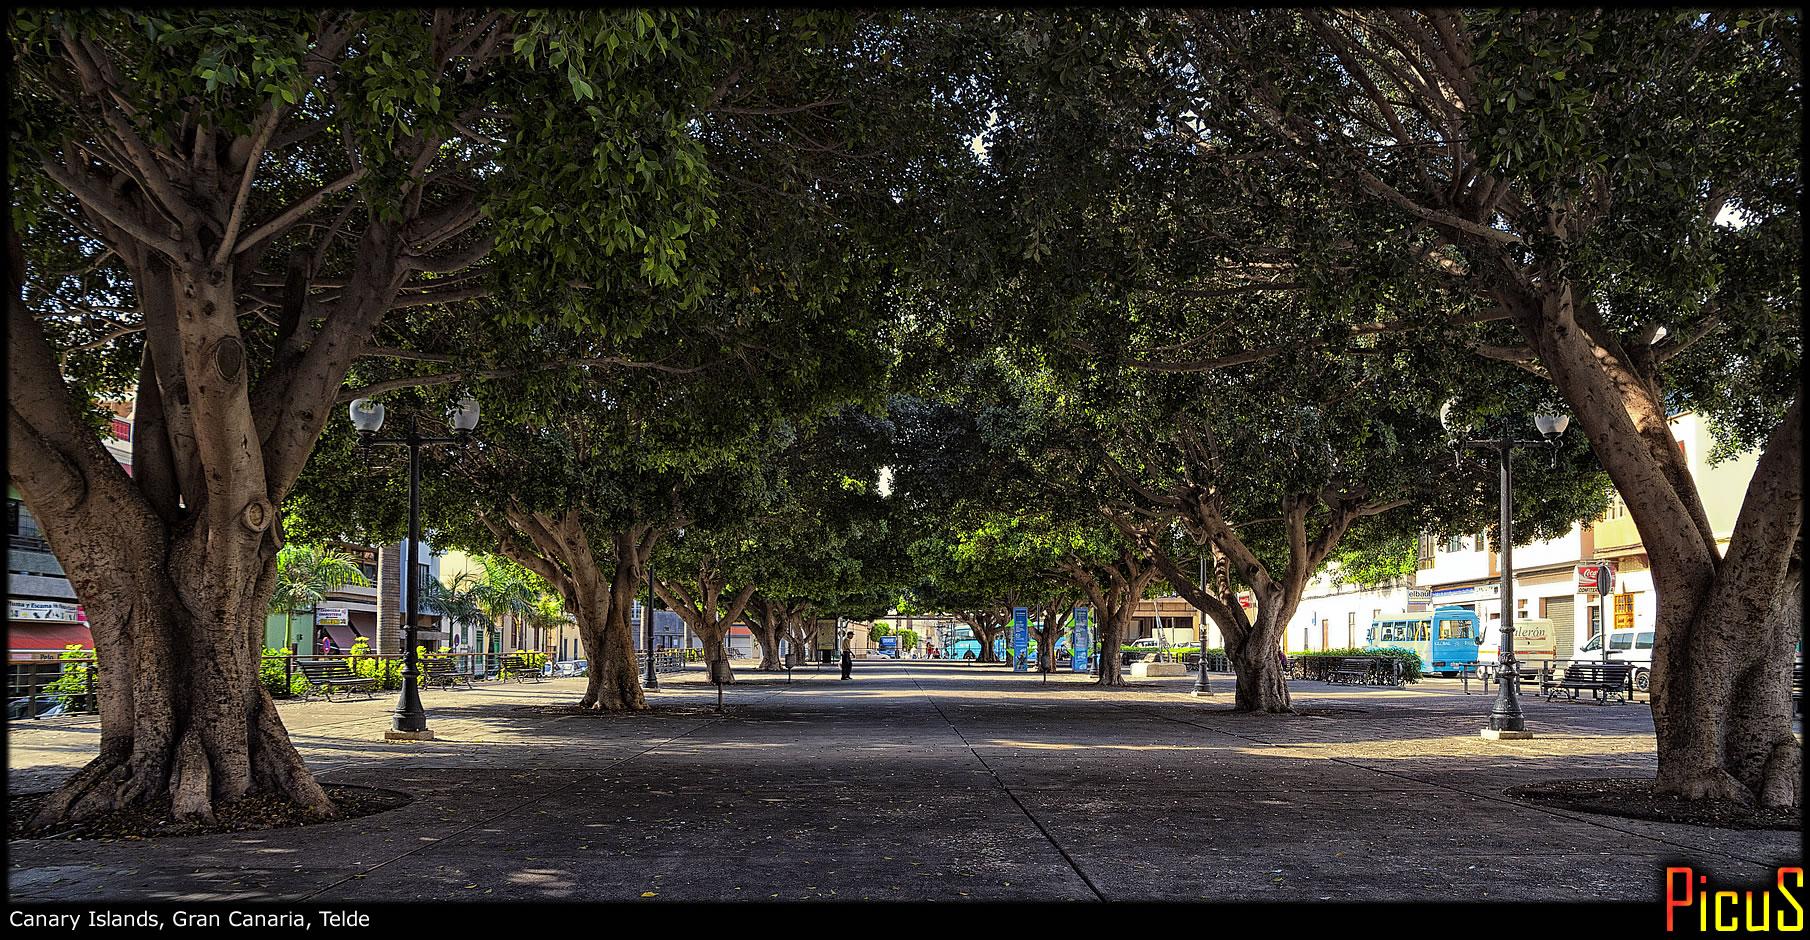 Обычный тихий канарский городок